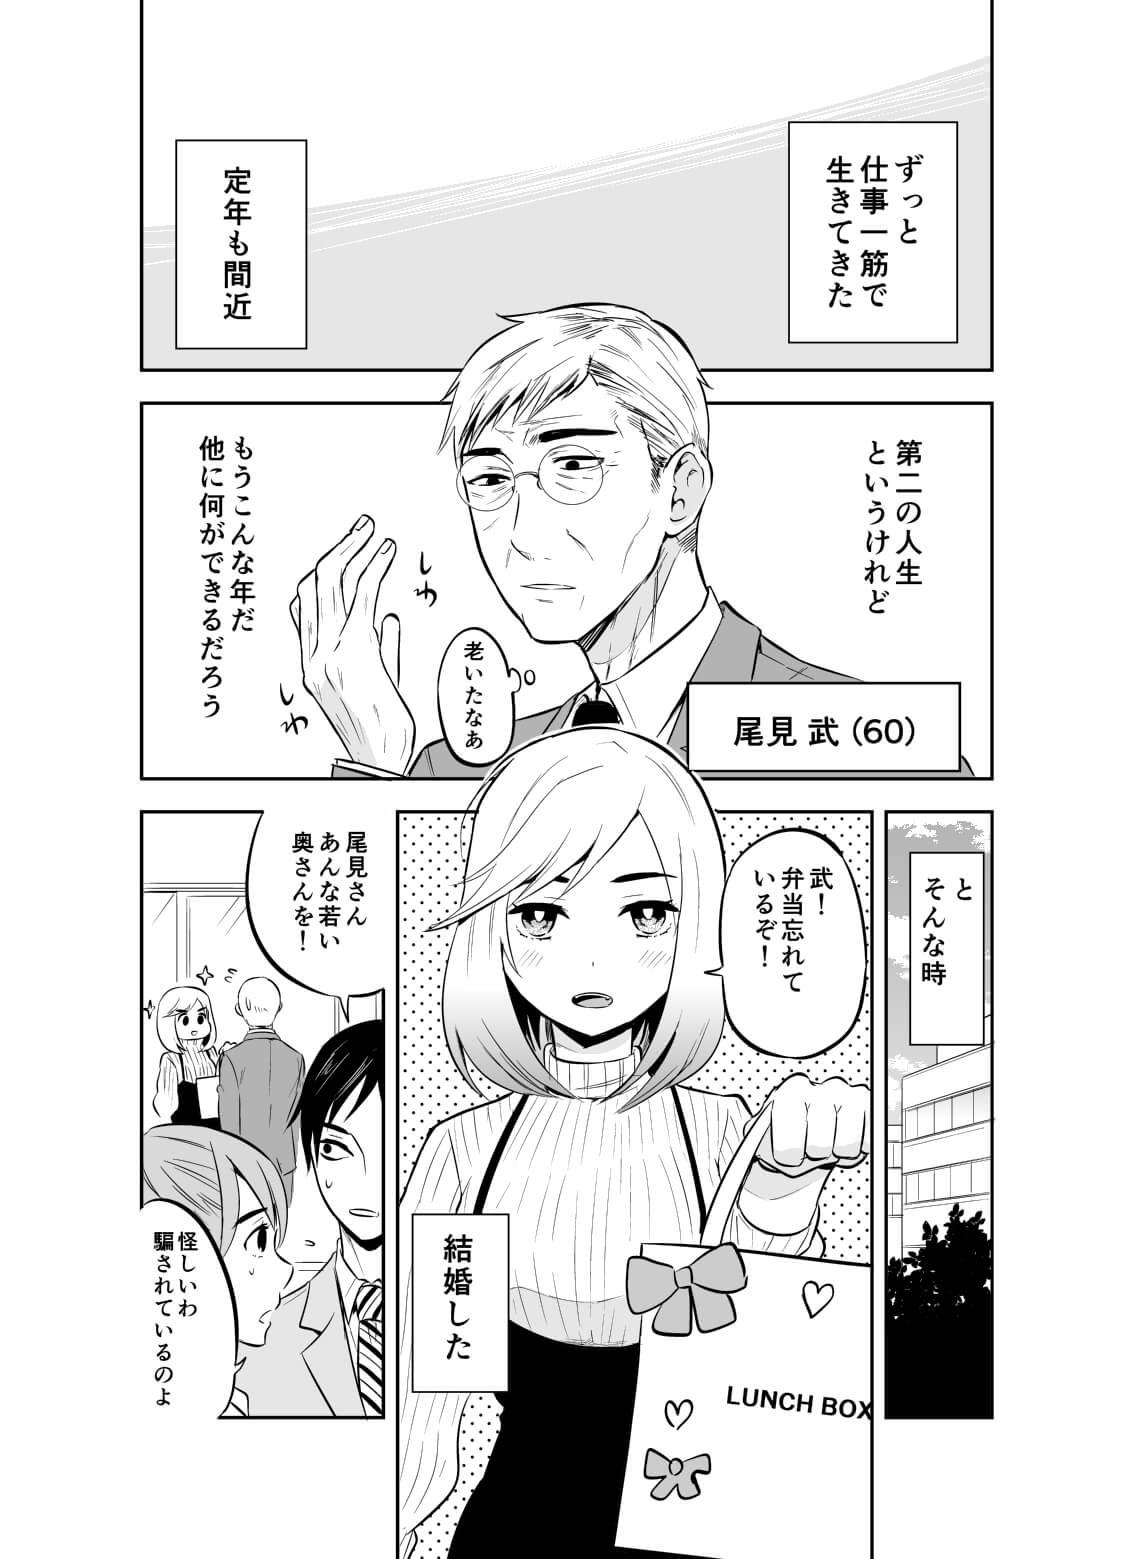 すごい歳の差夫婦の話01